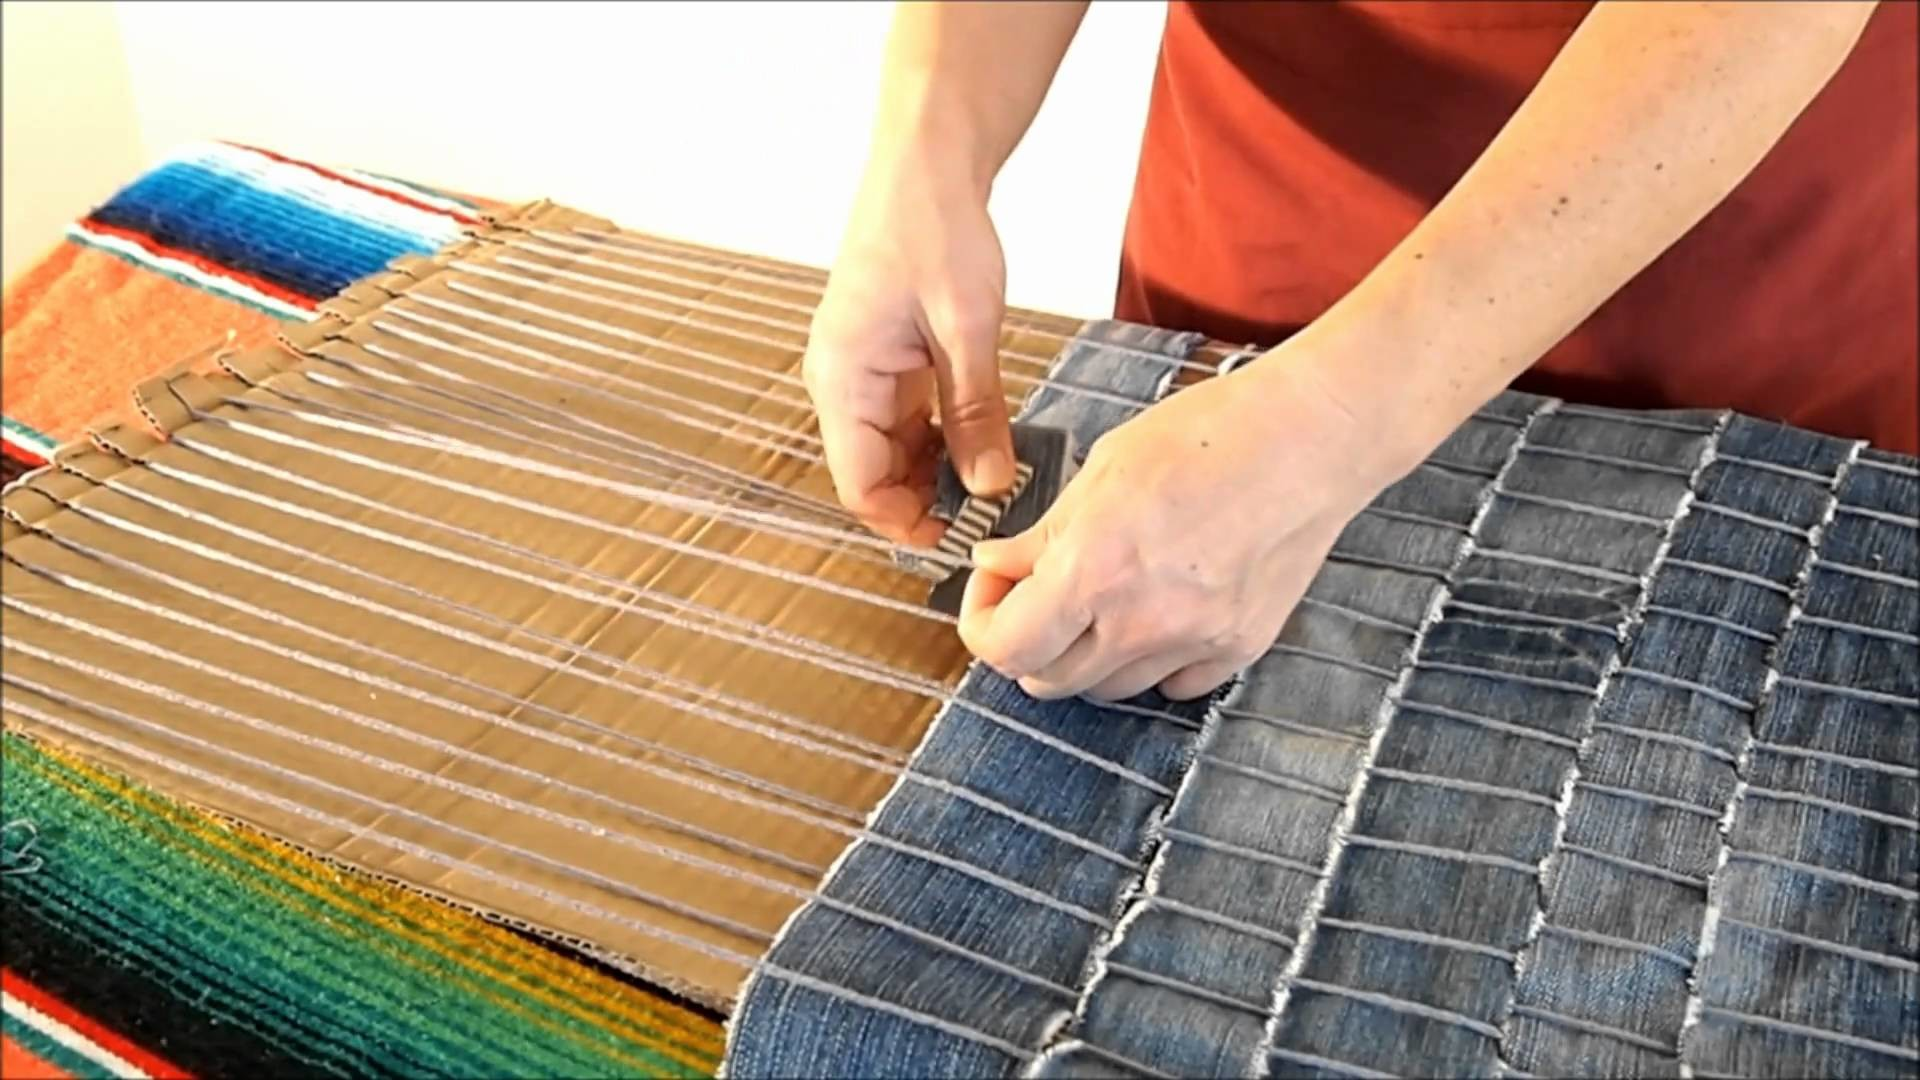 DIY How to make a carpet recycling old jeans - Manualidades: Alfombra reciclada de vaqueros viejos